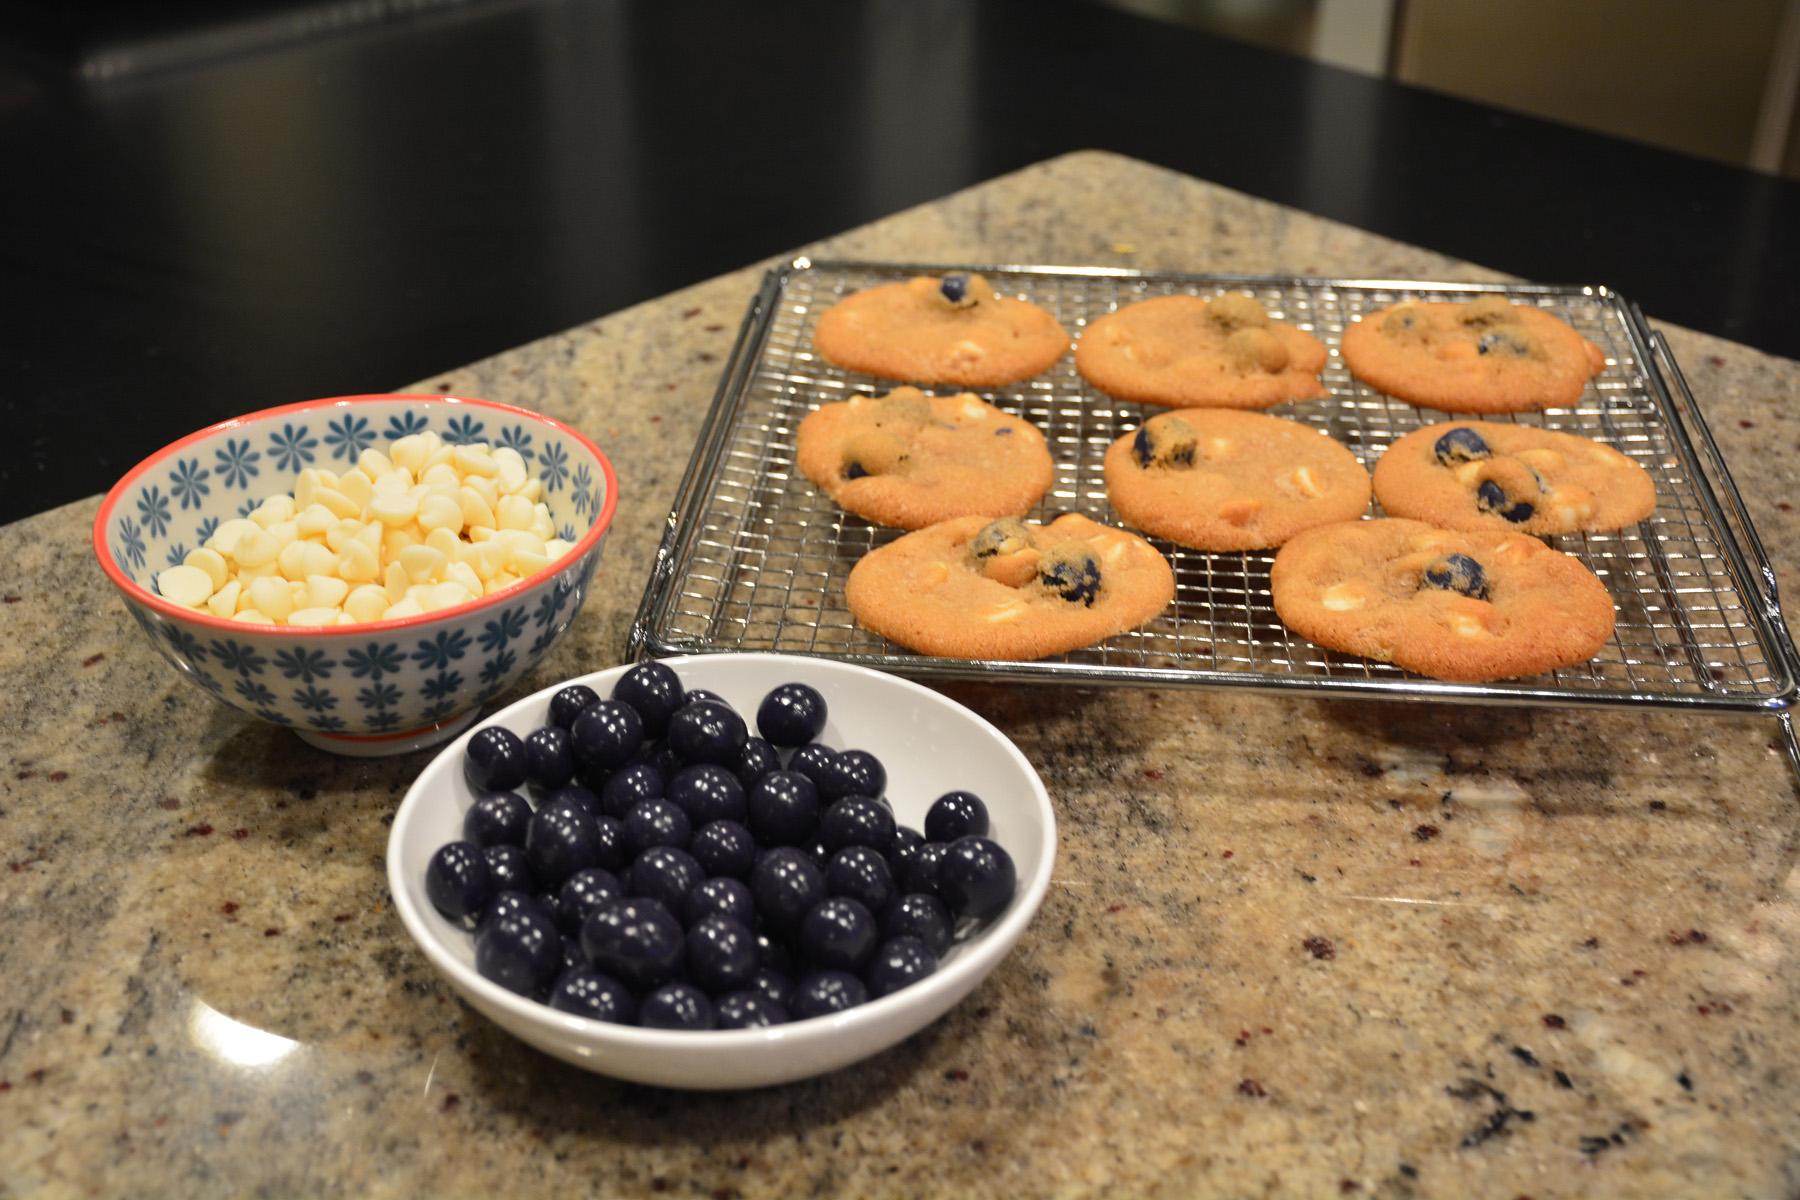 Super CAM-Tastic Cookies